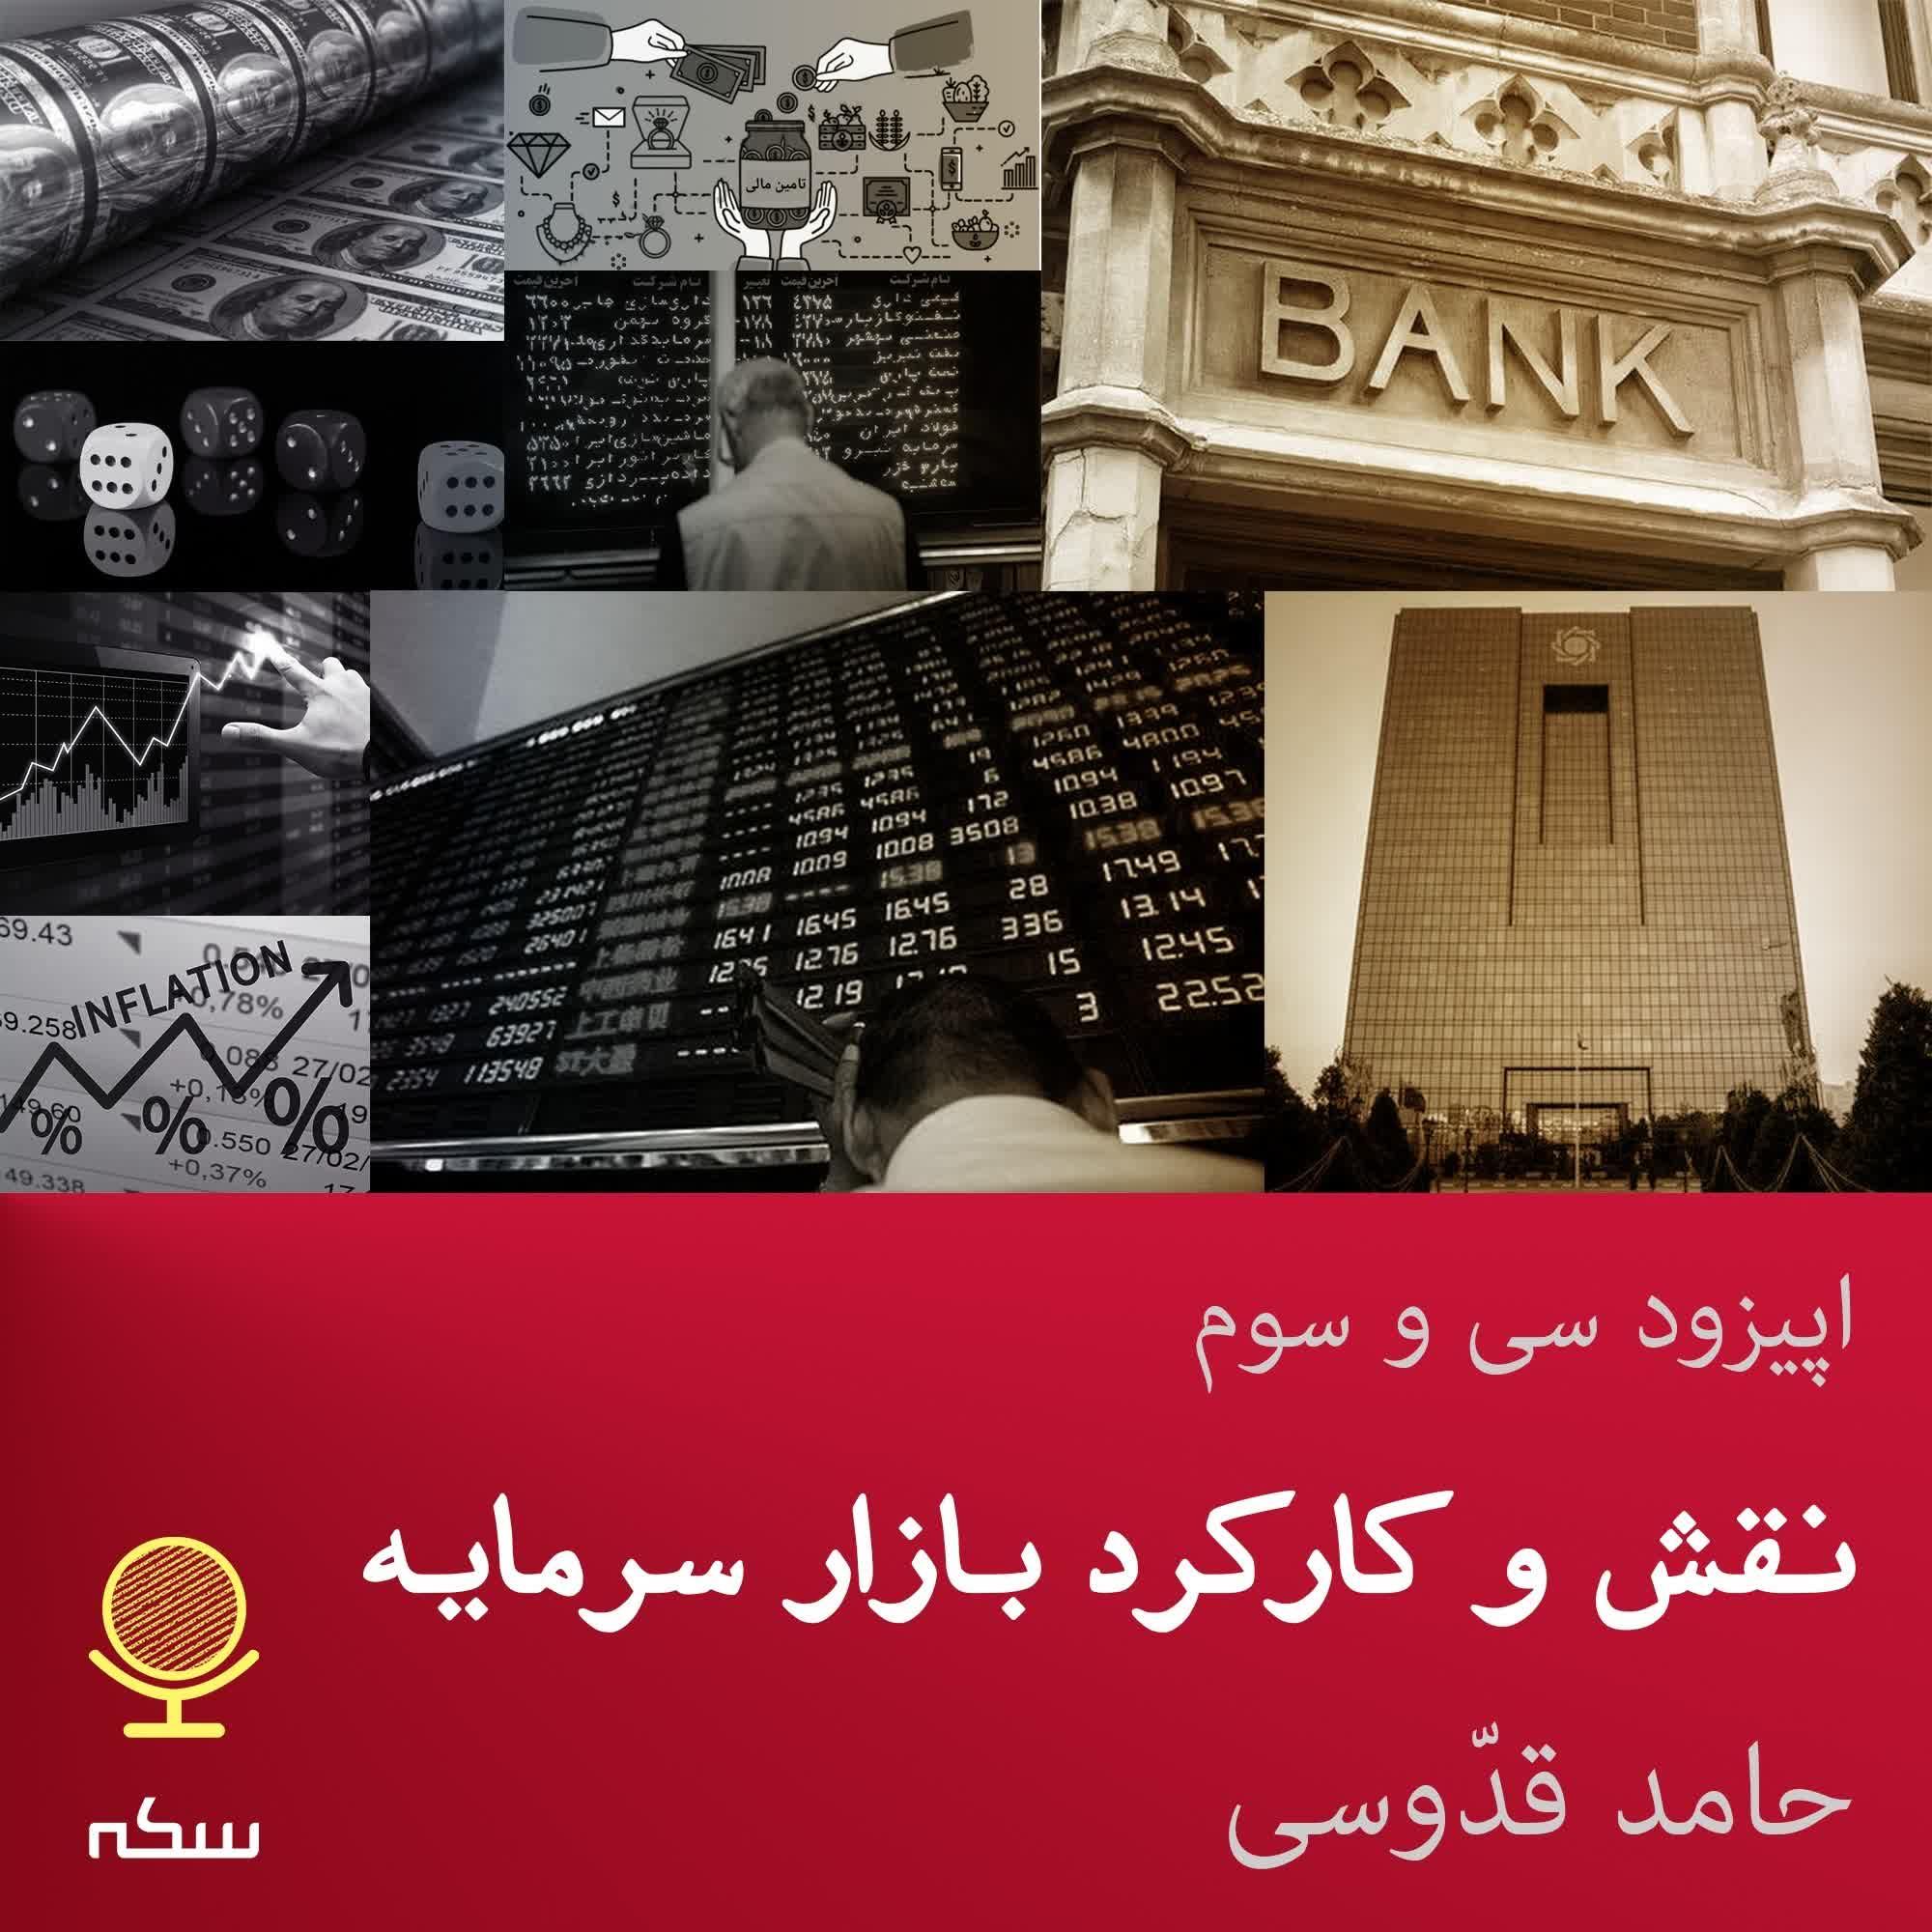 نقش و کارکرد بازار سرمایه در اقتصاد چیست؟